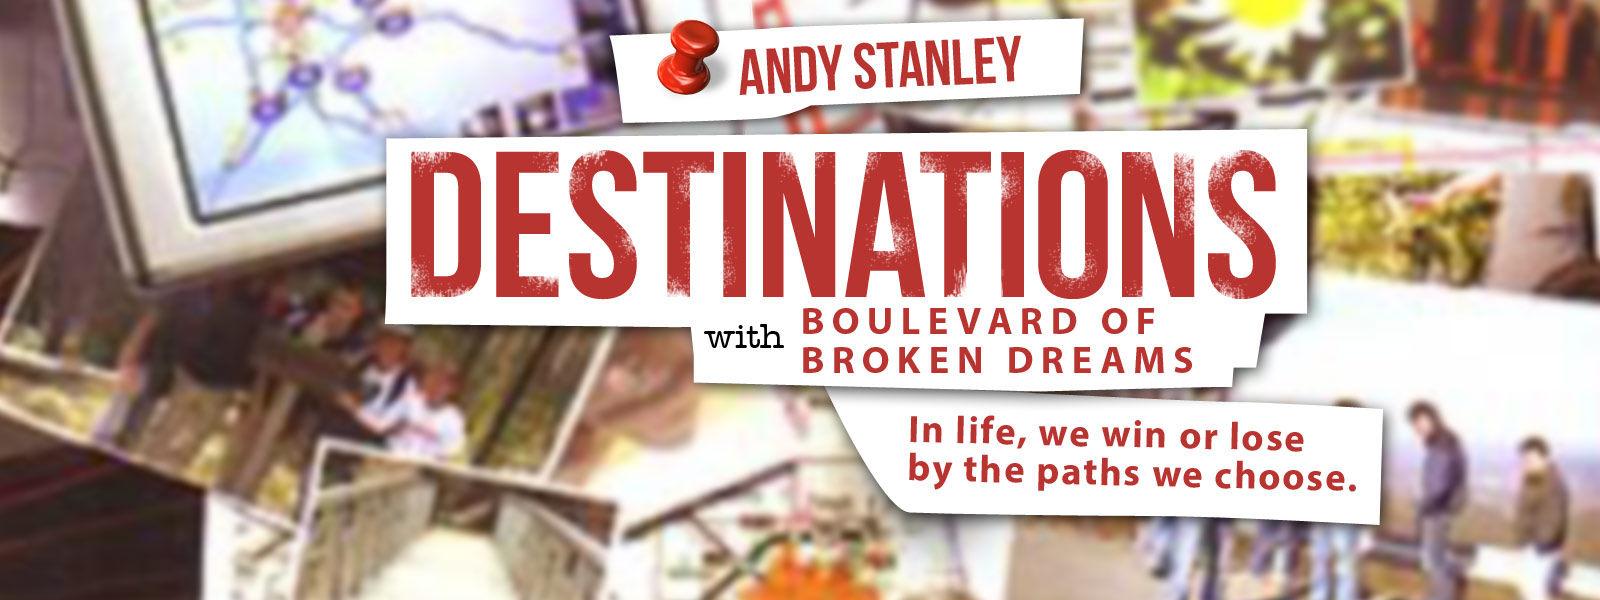 Destinations with Boulevard of Broken Dreams